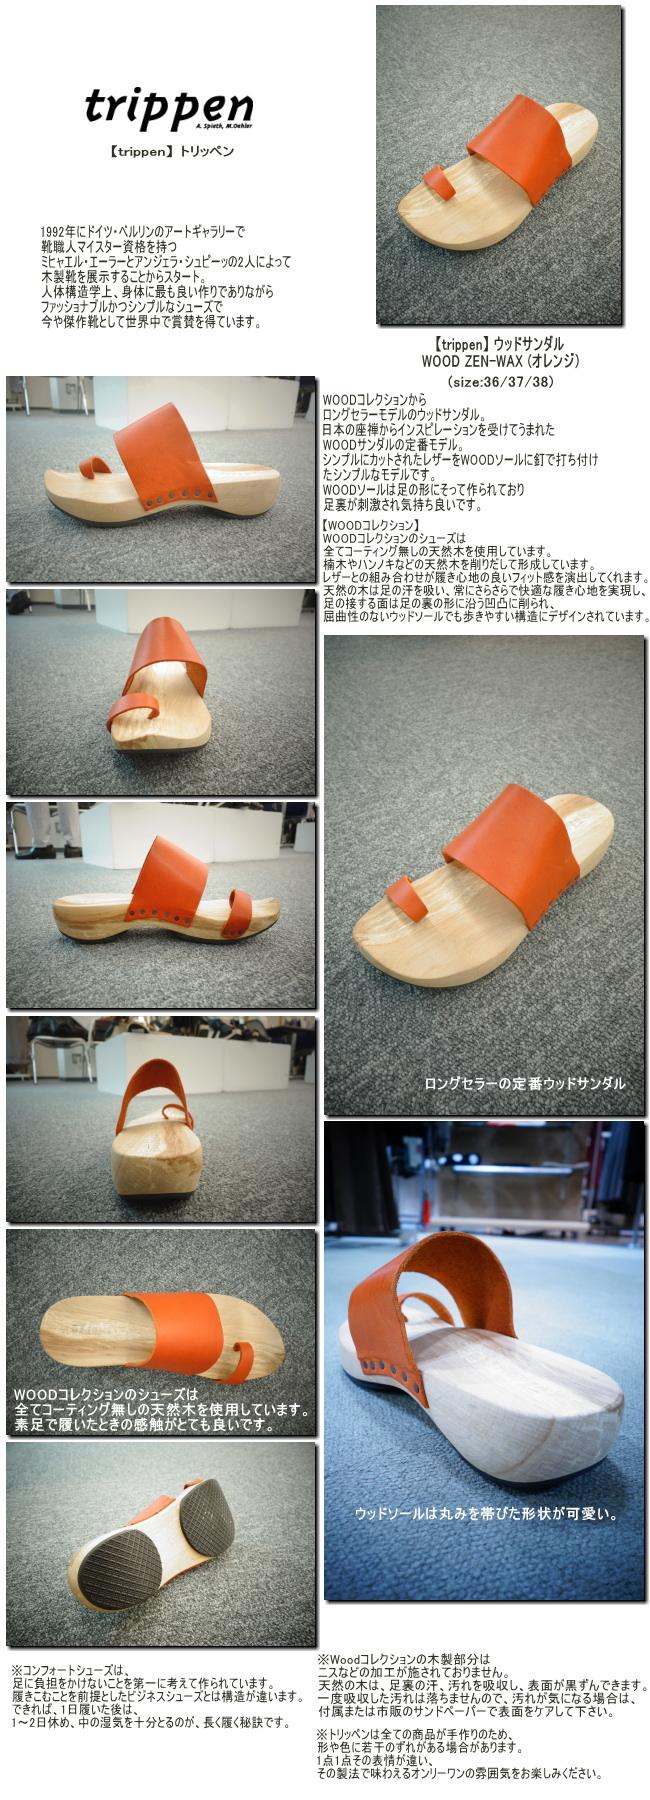 【trippen】トリッペン ウッドサンダル WOOD ZEN-WAX (オレンジ) size:35/36/37/38